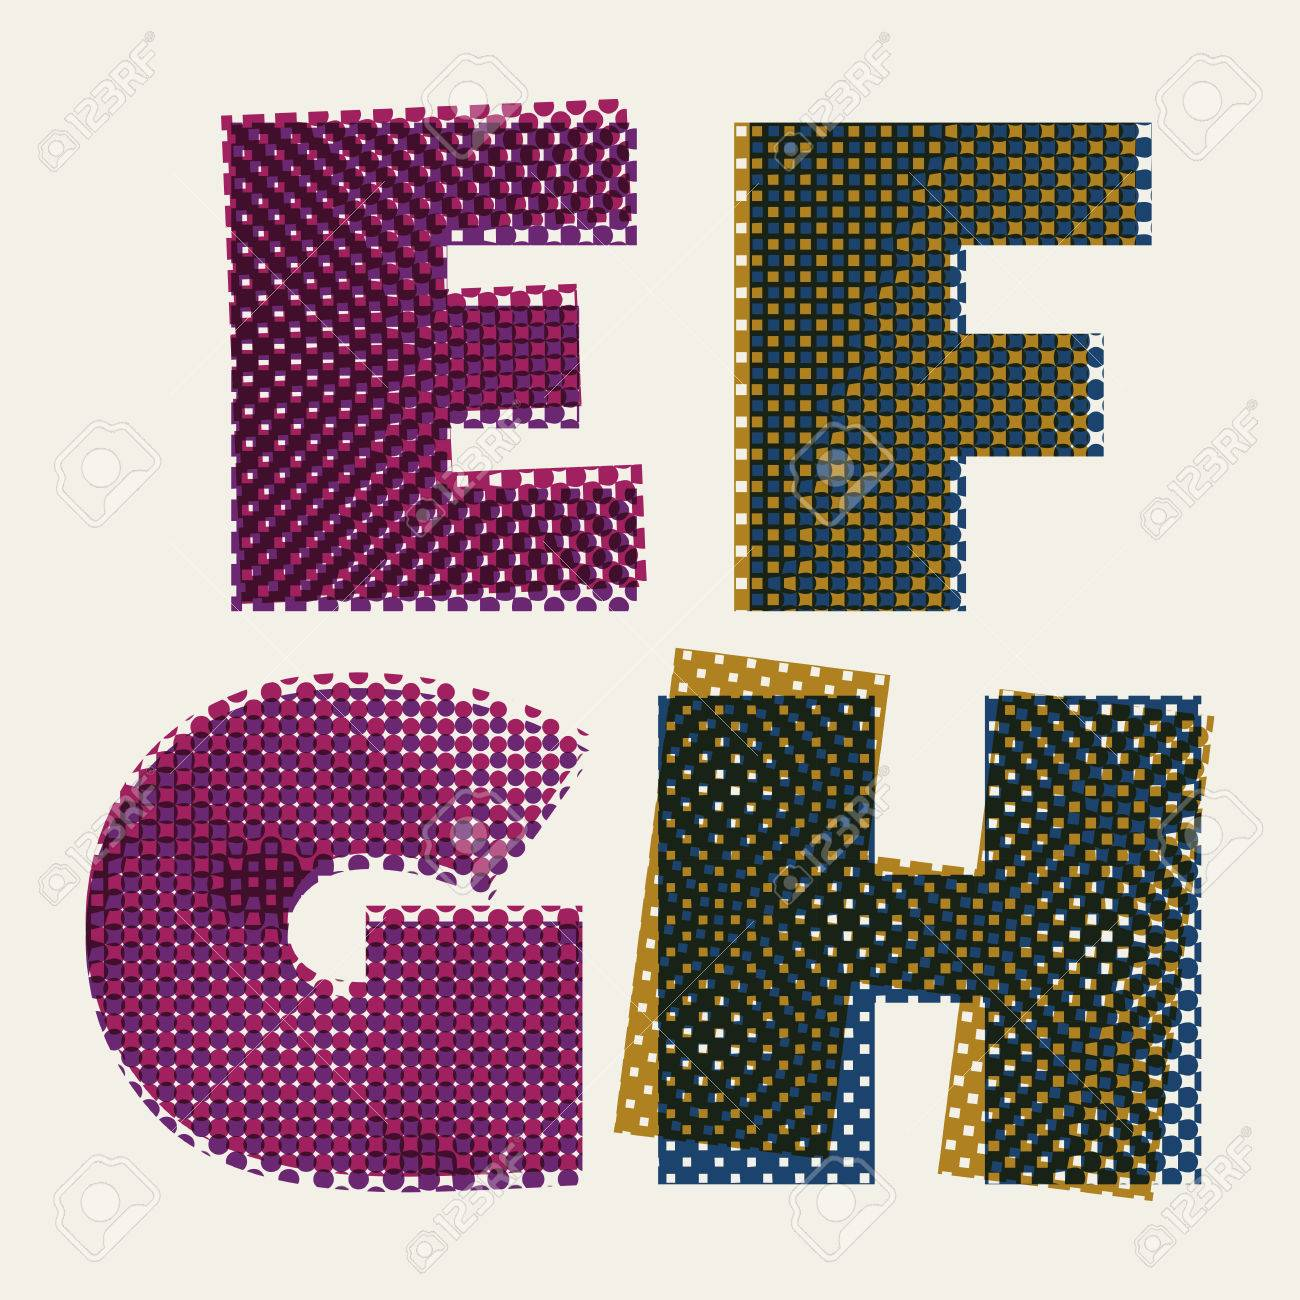 Color halftone printing - Color Halftone Printing Halftone Dots Font Dirty Grunge Color Pixels Print Texture Letters Vector Alphabet